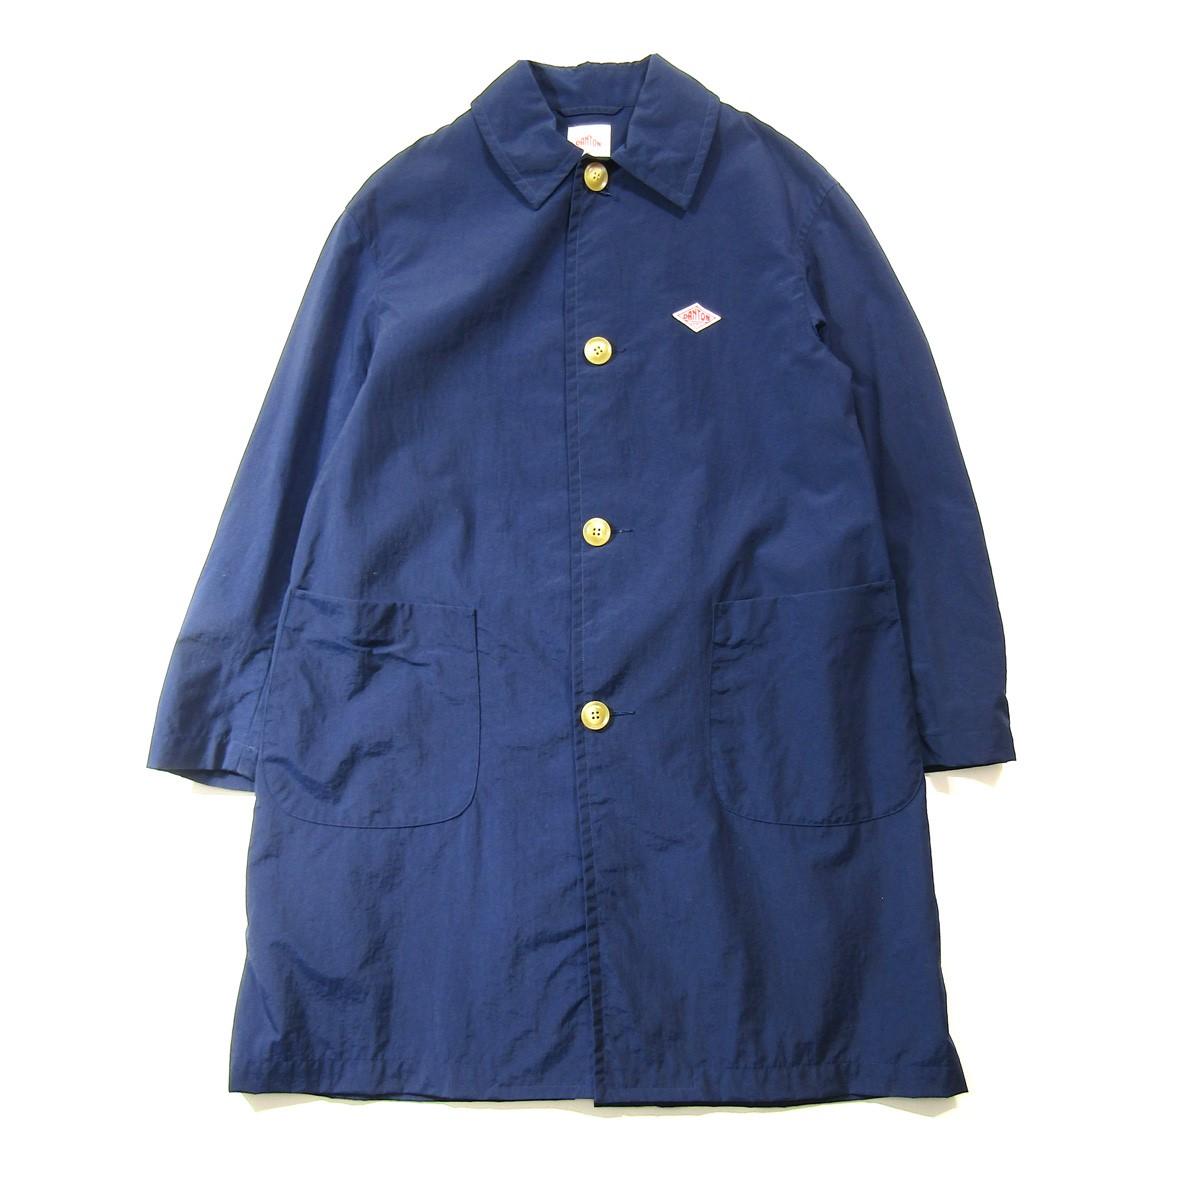 【中古】DANTON ナイロンステンカラーコート ネイビー サイズ:34 【210420】(ダントン)